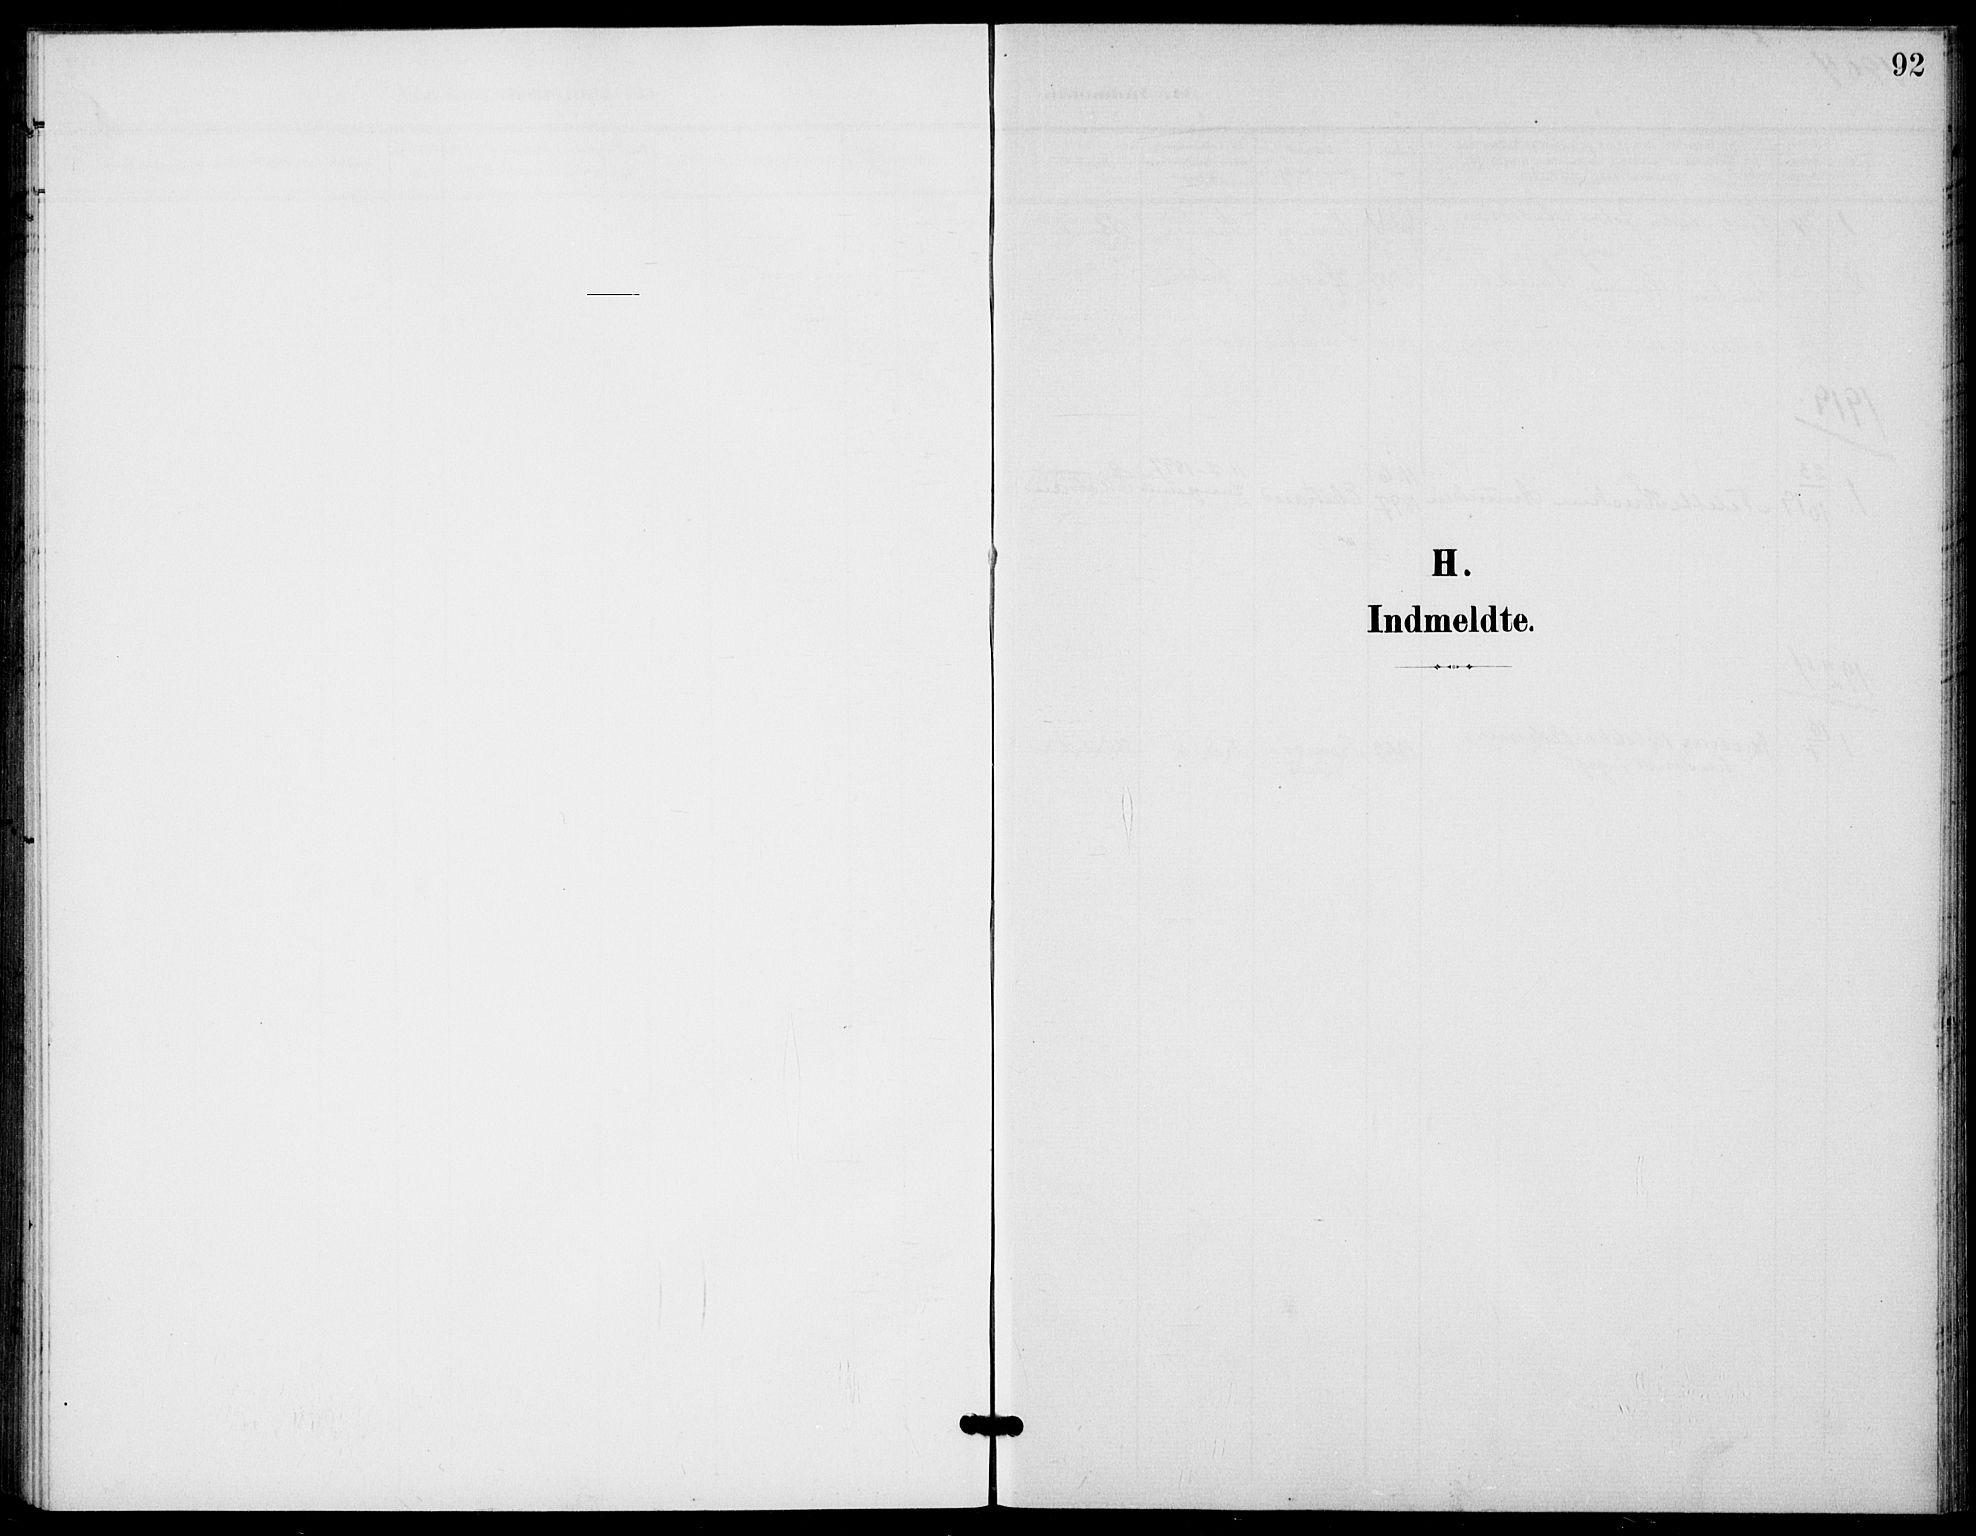 SAKO, Bamble kirkebøker, G/Gb/L0002: Klokkerbok nr. II 2, 1900-1925, s. 92